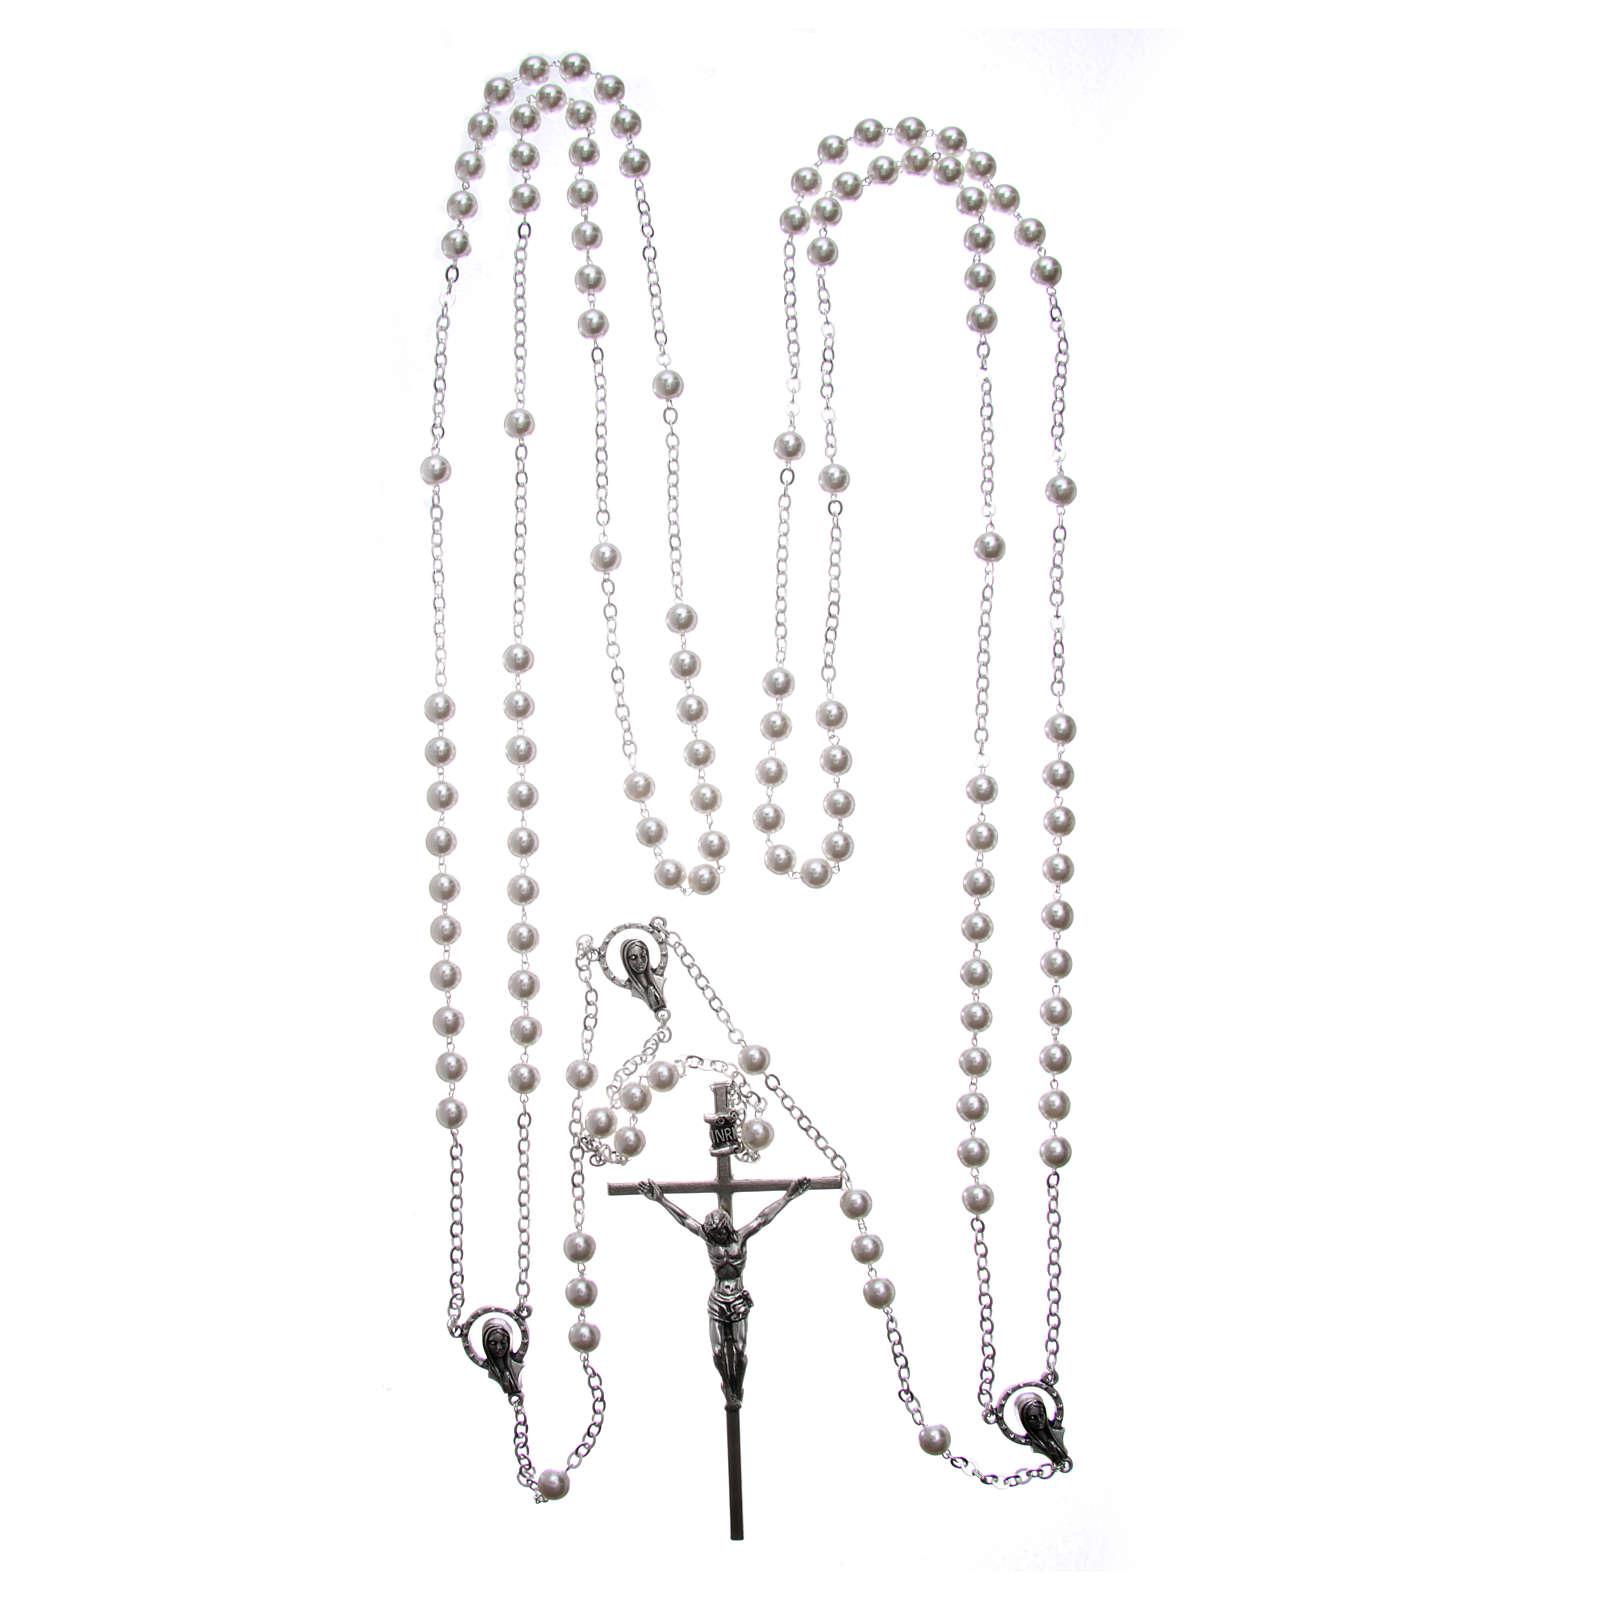 Chapelet mariage perles plastique verre avec croix et médaille métal argenté 4